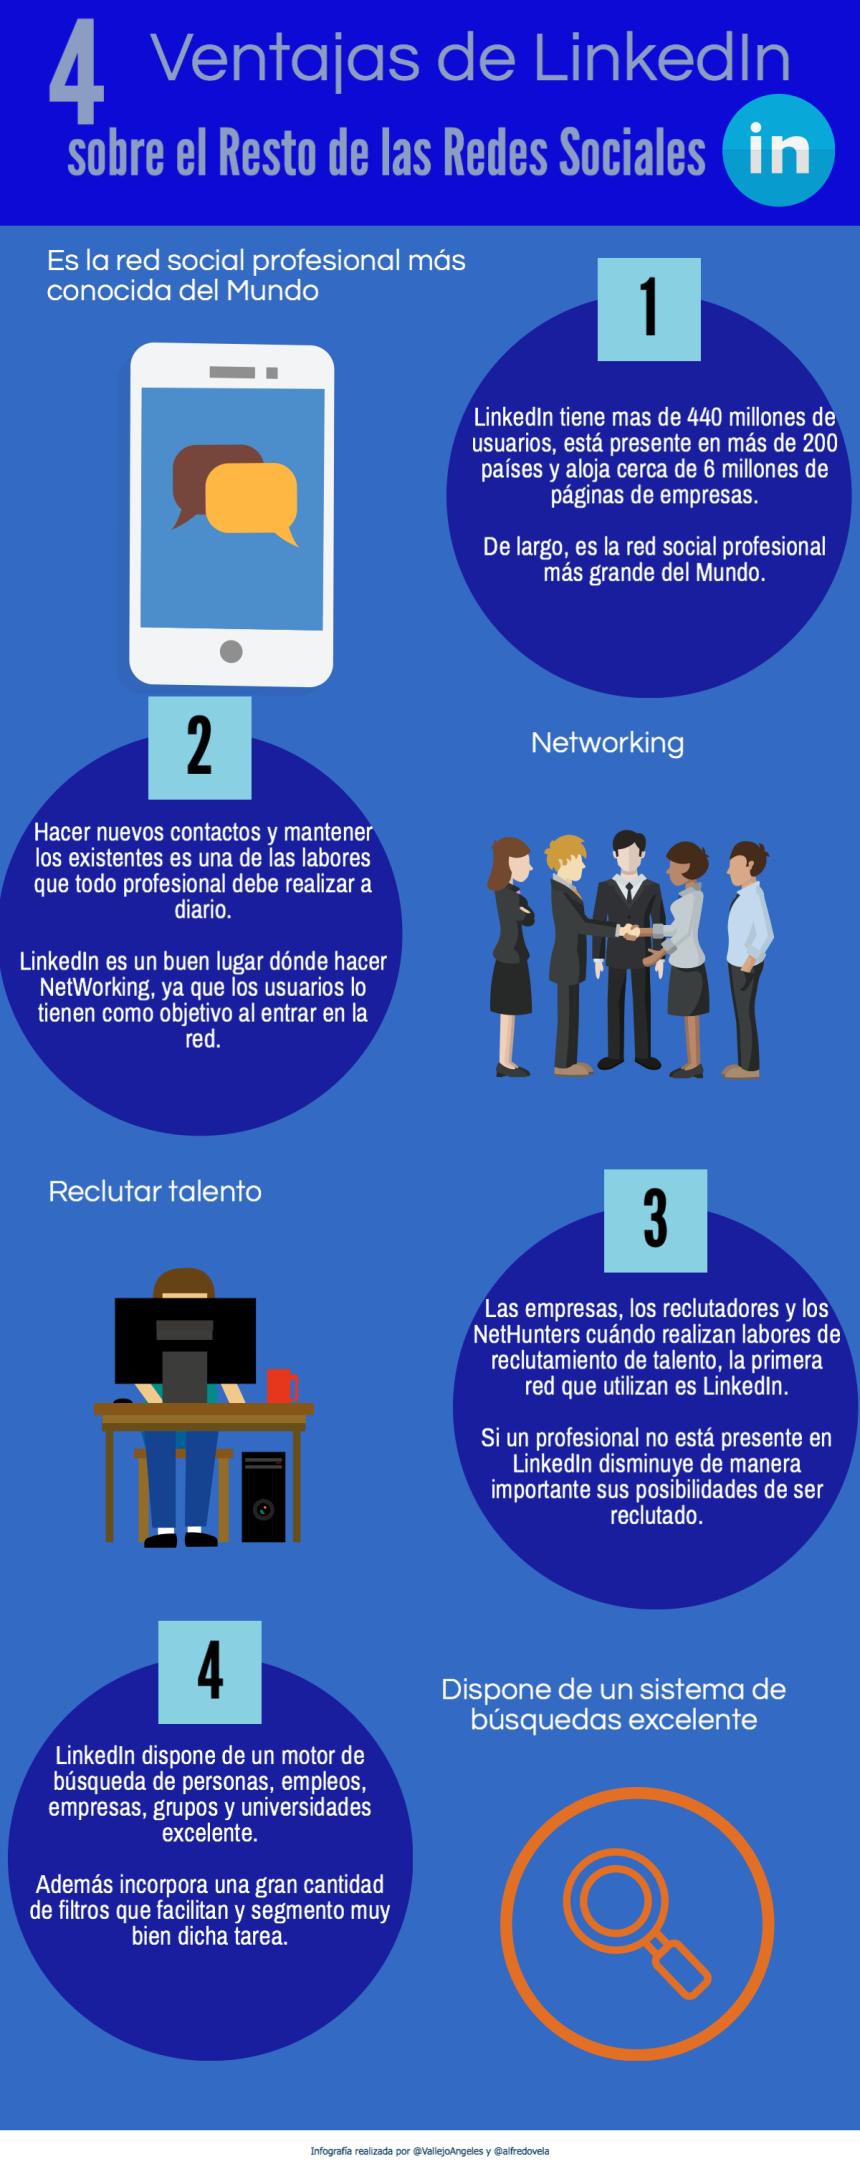 cuatro ventajas de LinkedIn sobre otras Redes